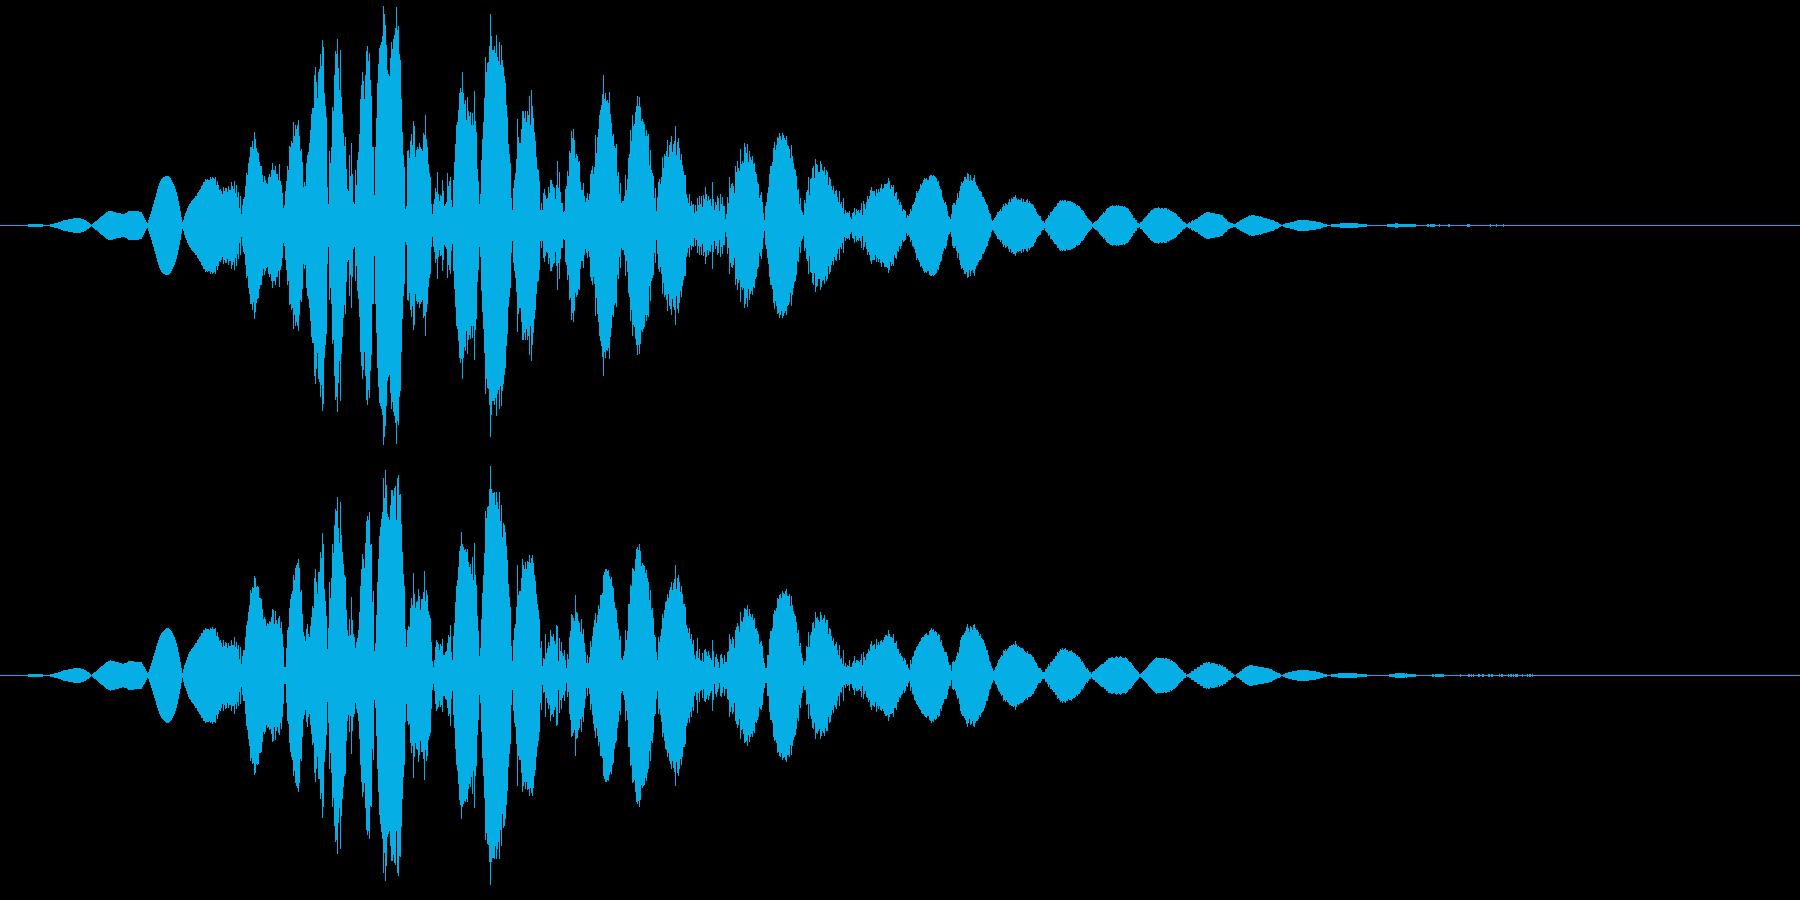 KAKUGE 格闘ゲーム戦闘音 66の再生済みの波形